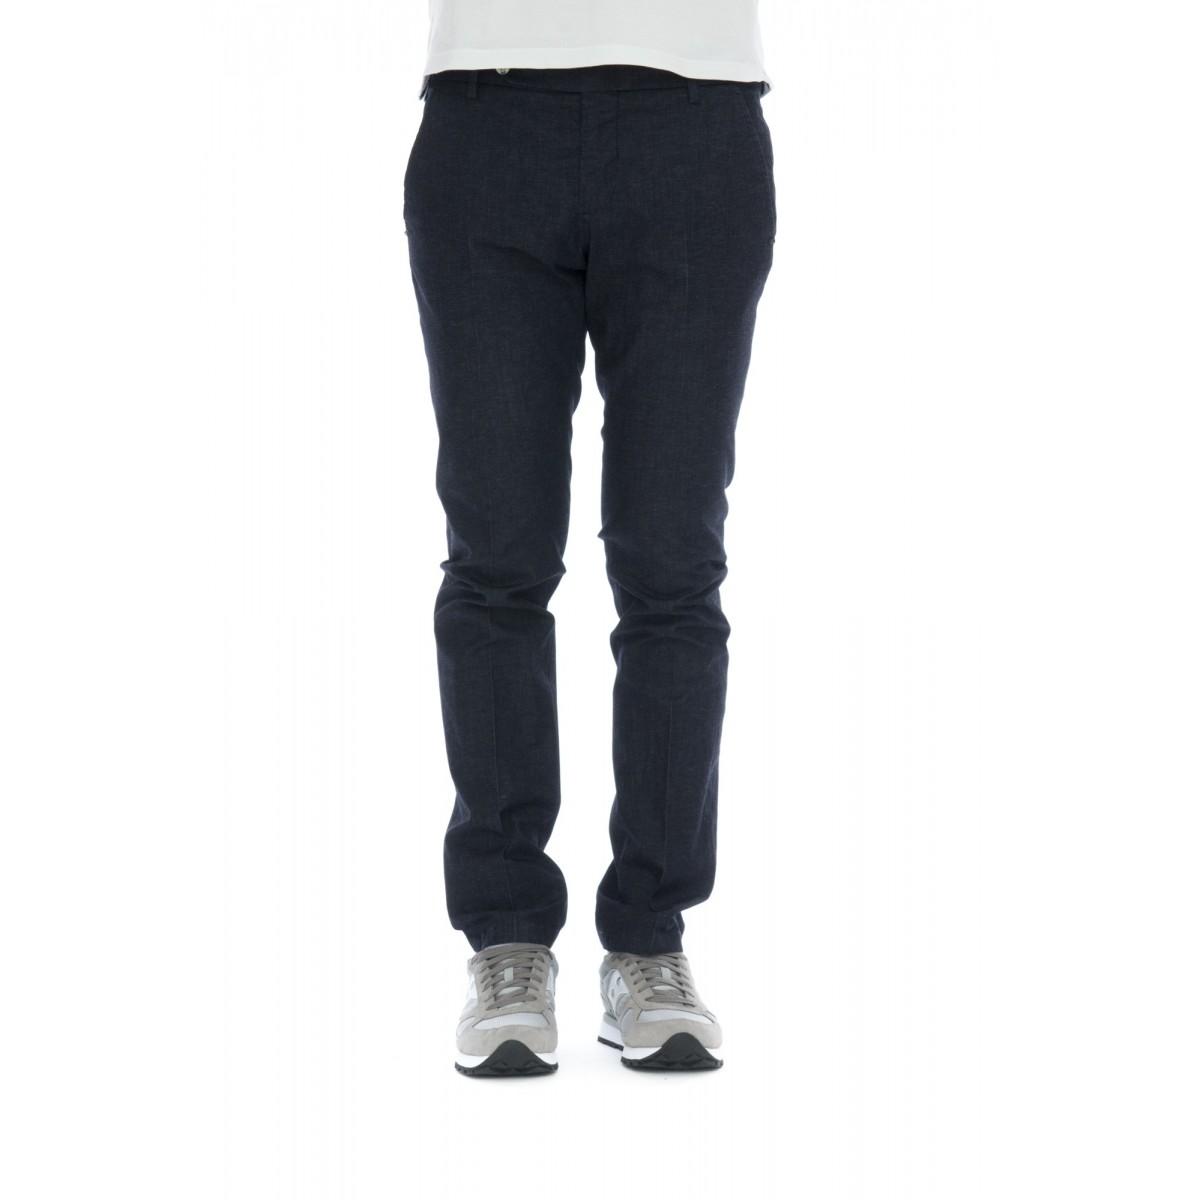 Pantaloni - 8346 1045 cotone lino